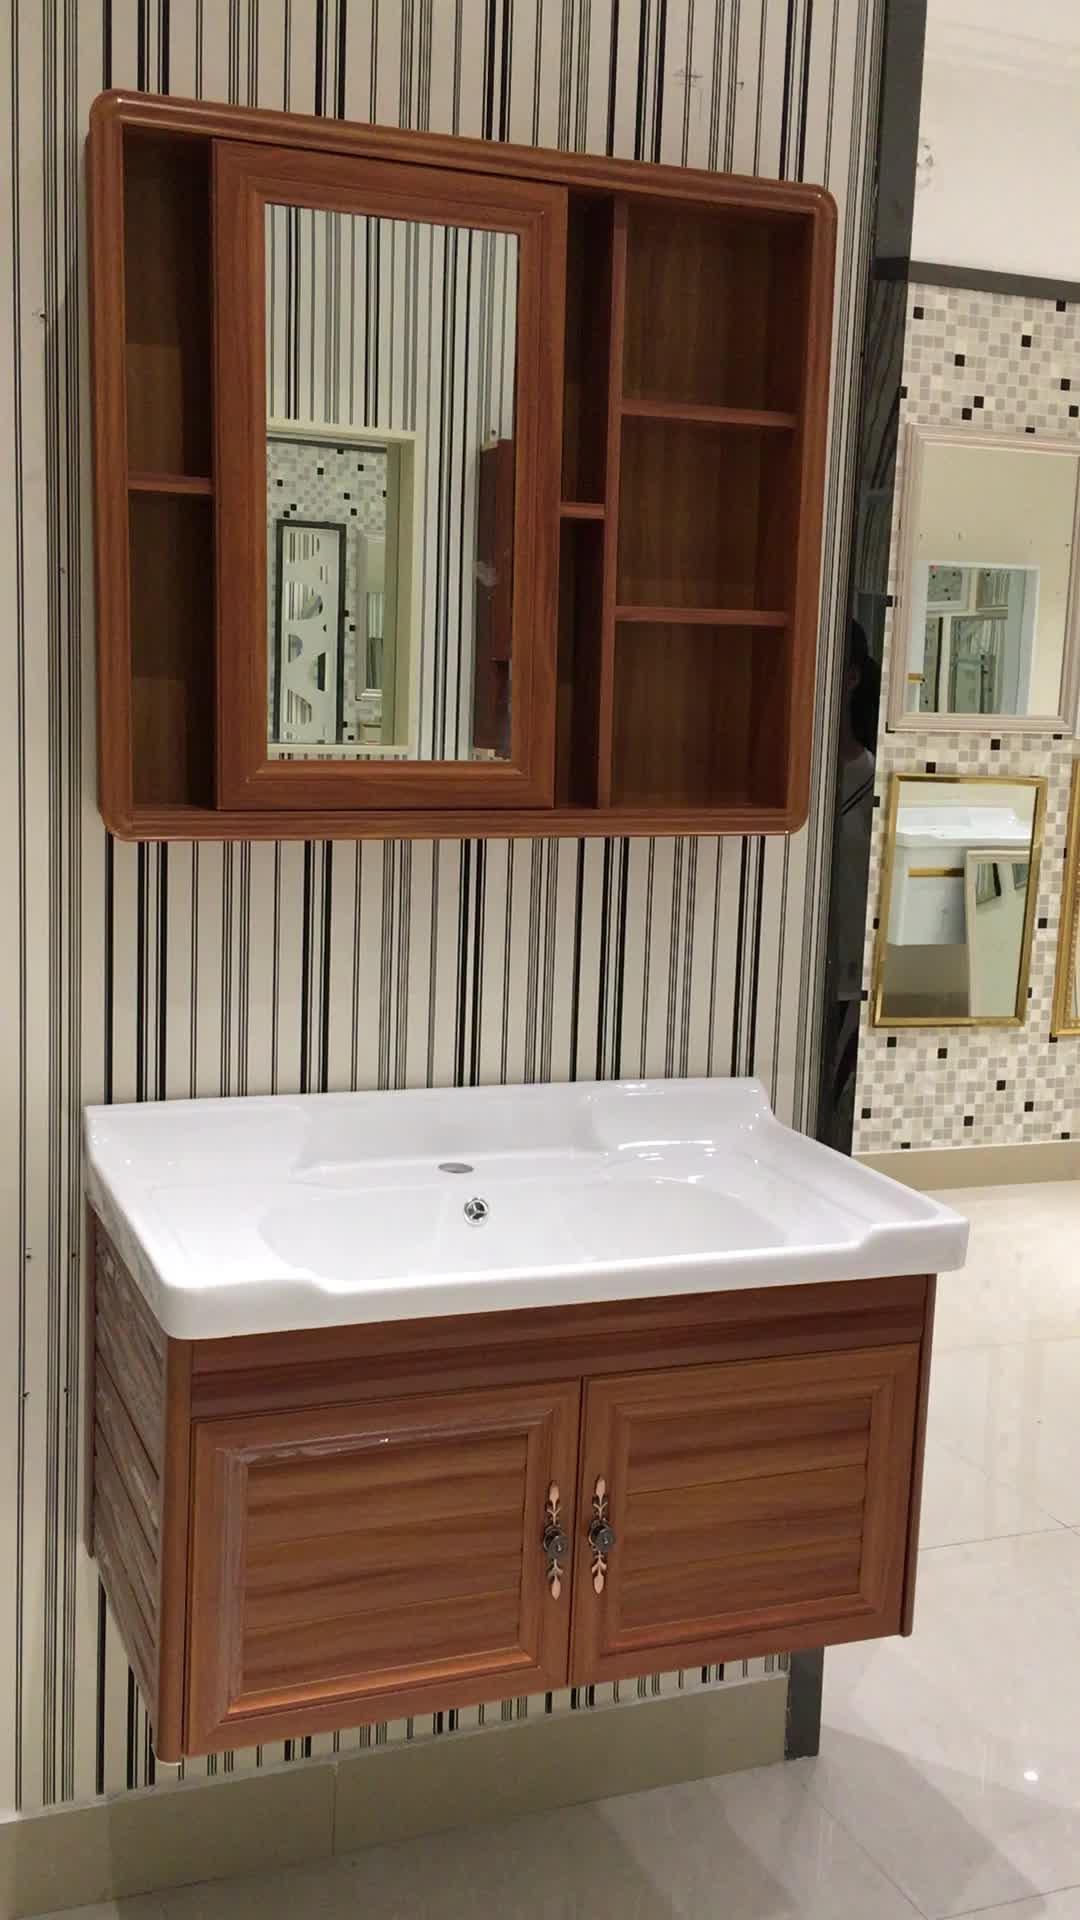 Japanese Triple Sink Bathroom Vanity With Granite Sink Cabinet   Buy Triple  Sink Bathroom Vanity,Japanese Bathroom Cabinet,Bathroom With Granite ...